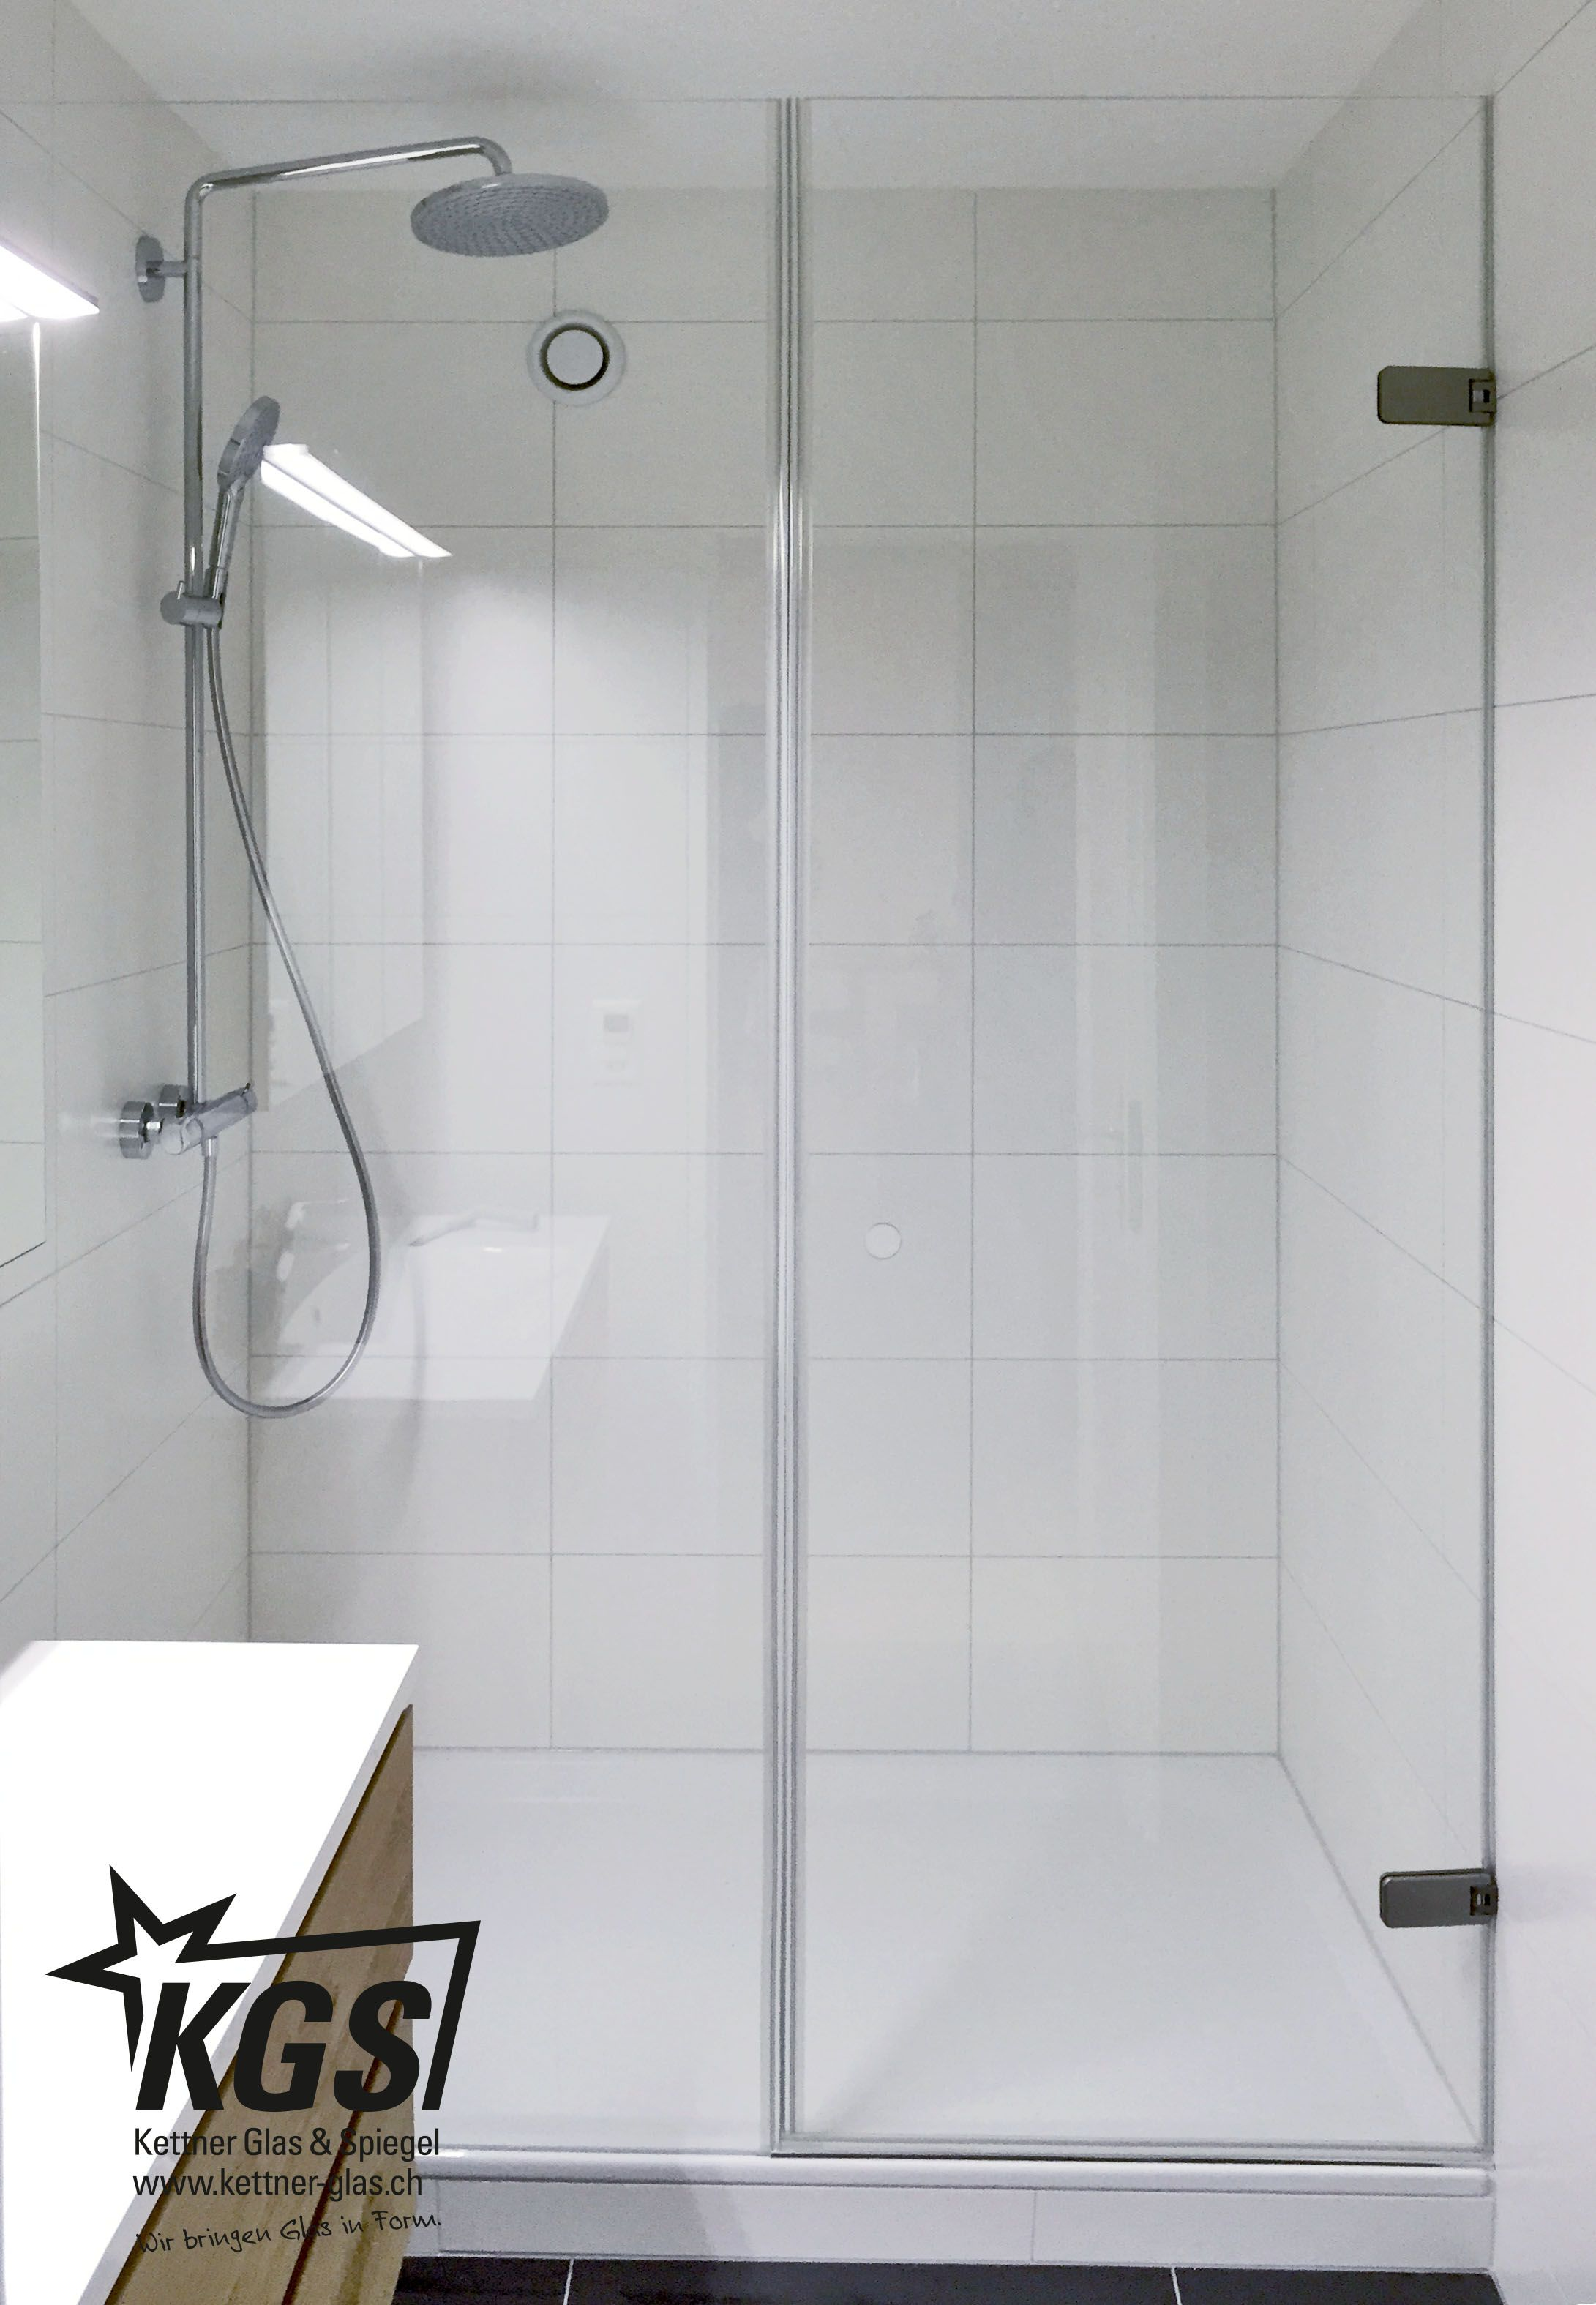 Badezimmer Mit Ganzglas Dusche Als Nischenlosung Umgesetzt Mit